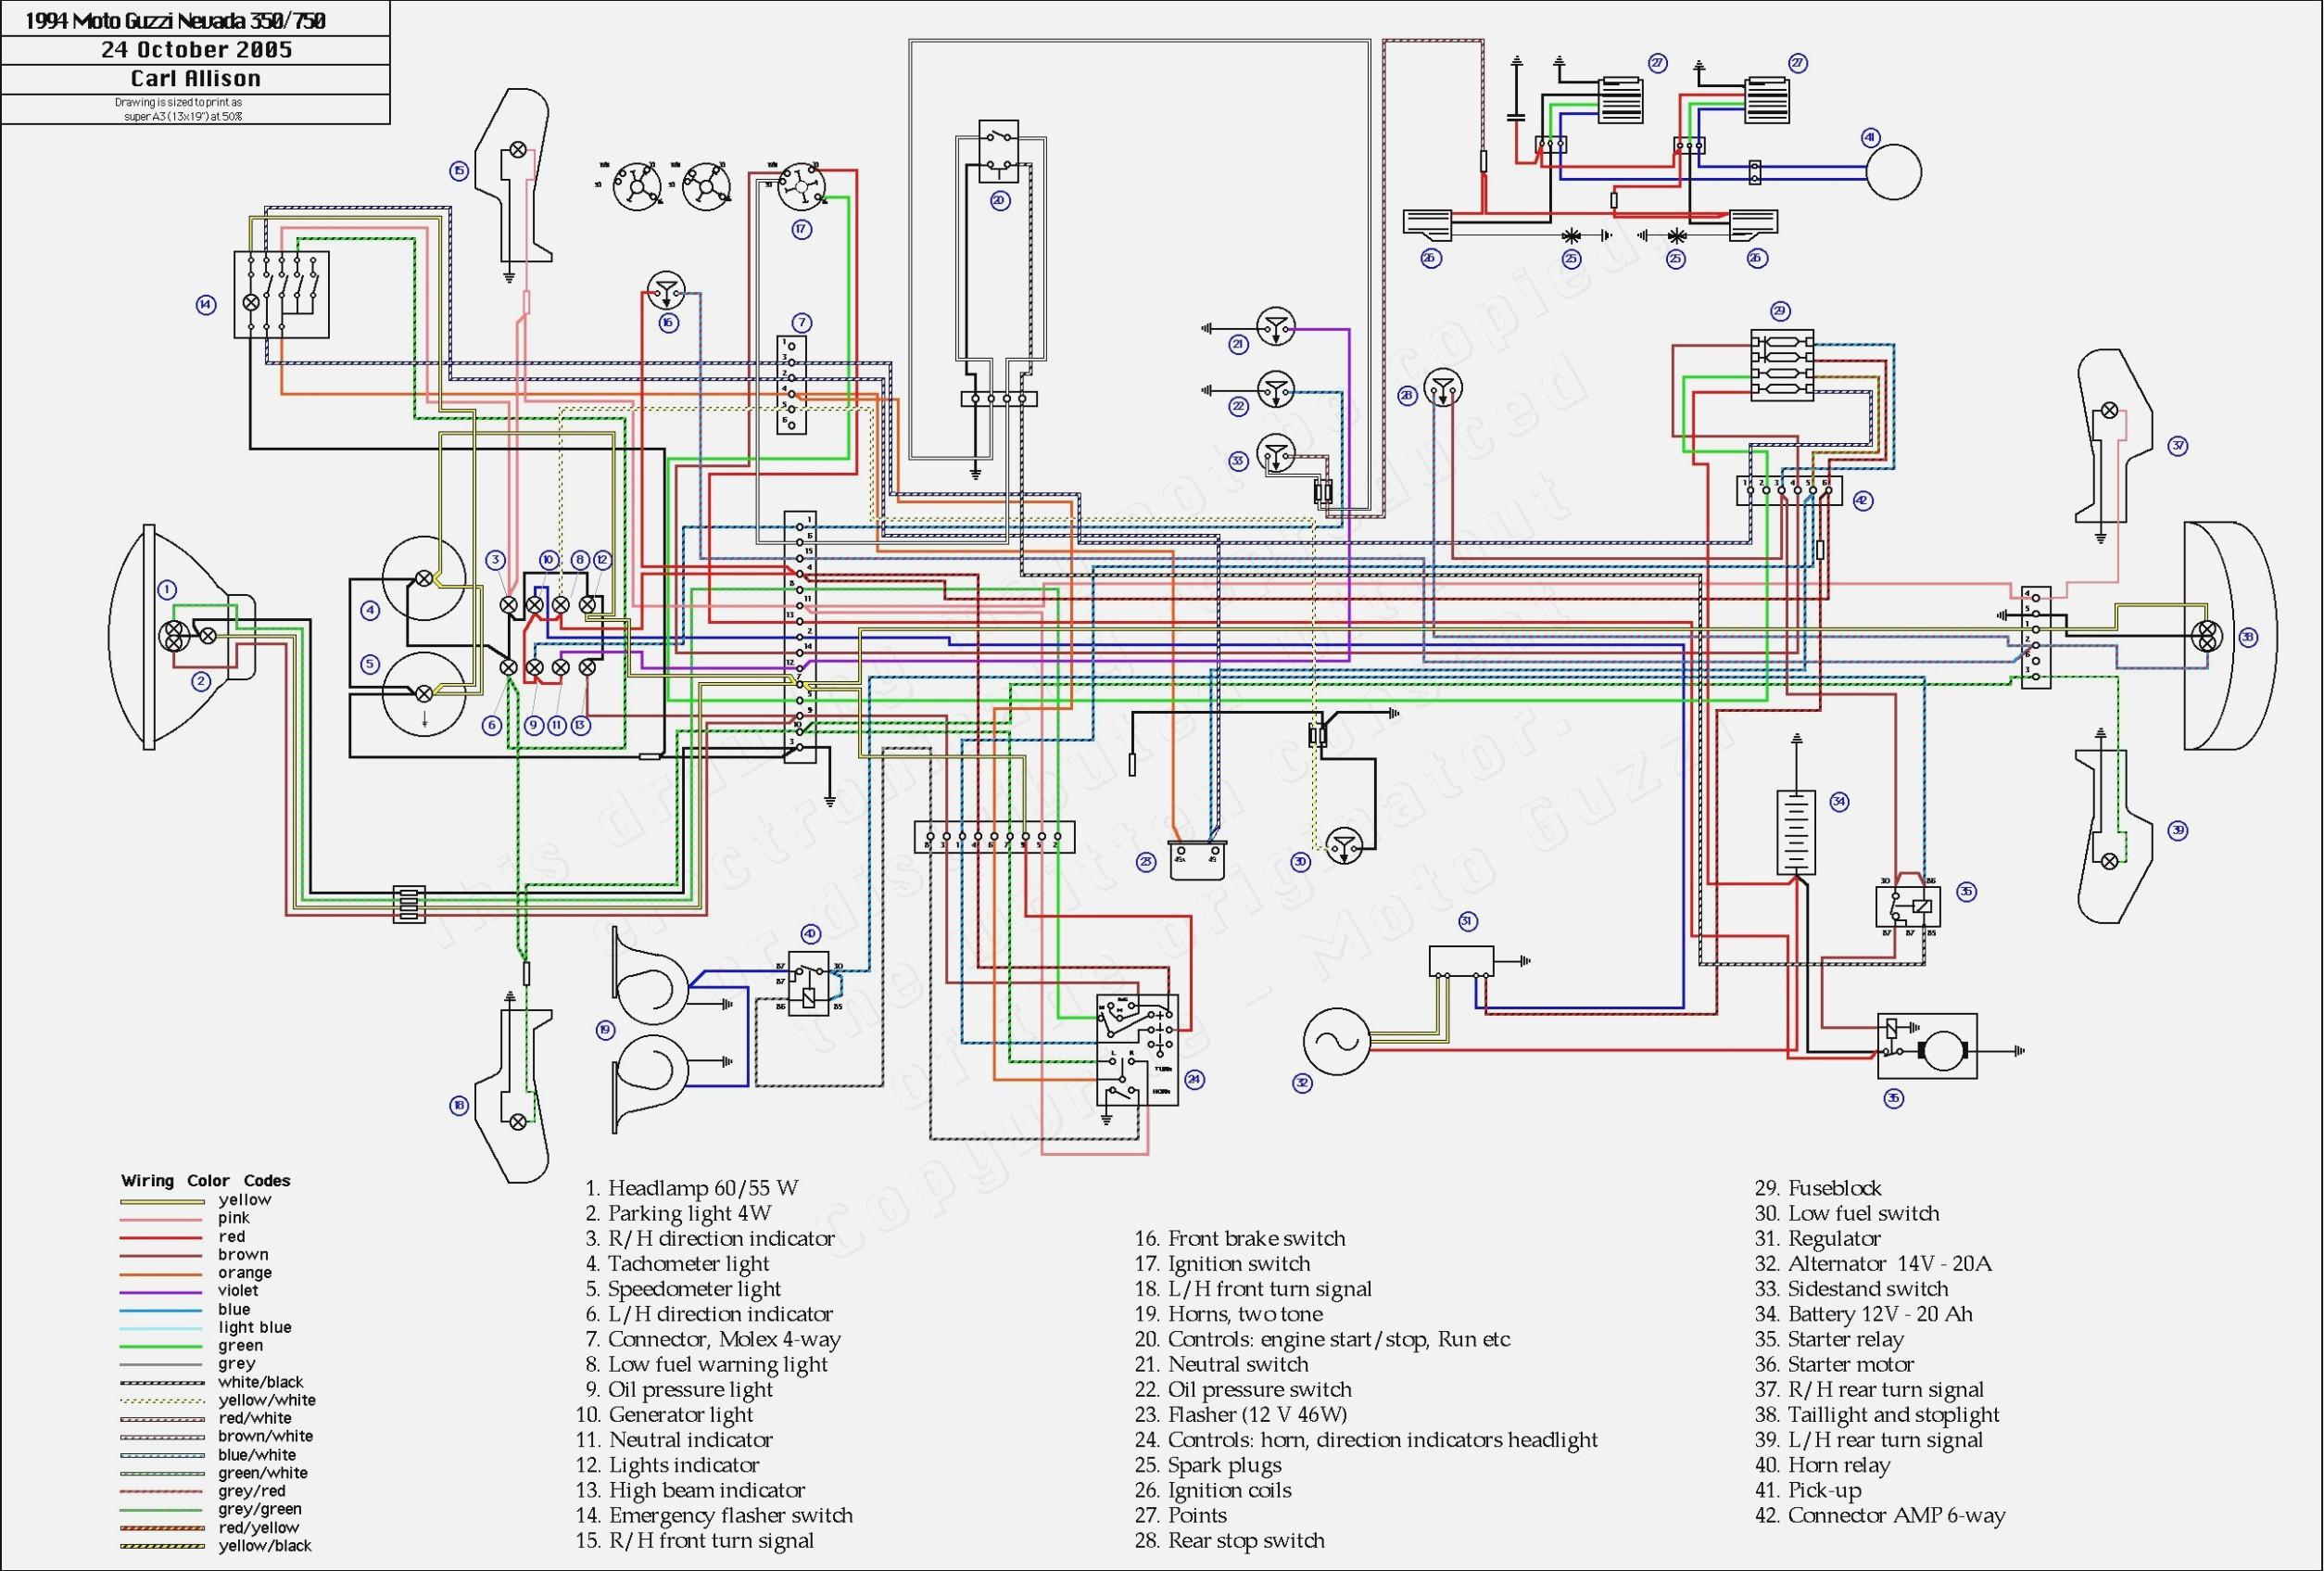 Simple Turn Signal Wiring Diagram Dyna Turn Signal Wiring Diagram Wiring Diagram toolbox Of Simple Turn Signal Wiring Diagram Simple Wiring Diagram Fresh Simple Electrical Circuit Diagram Fresh